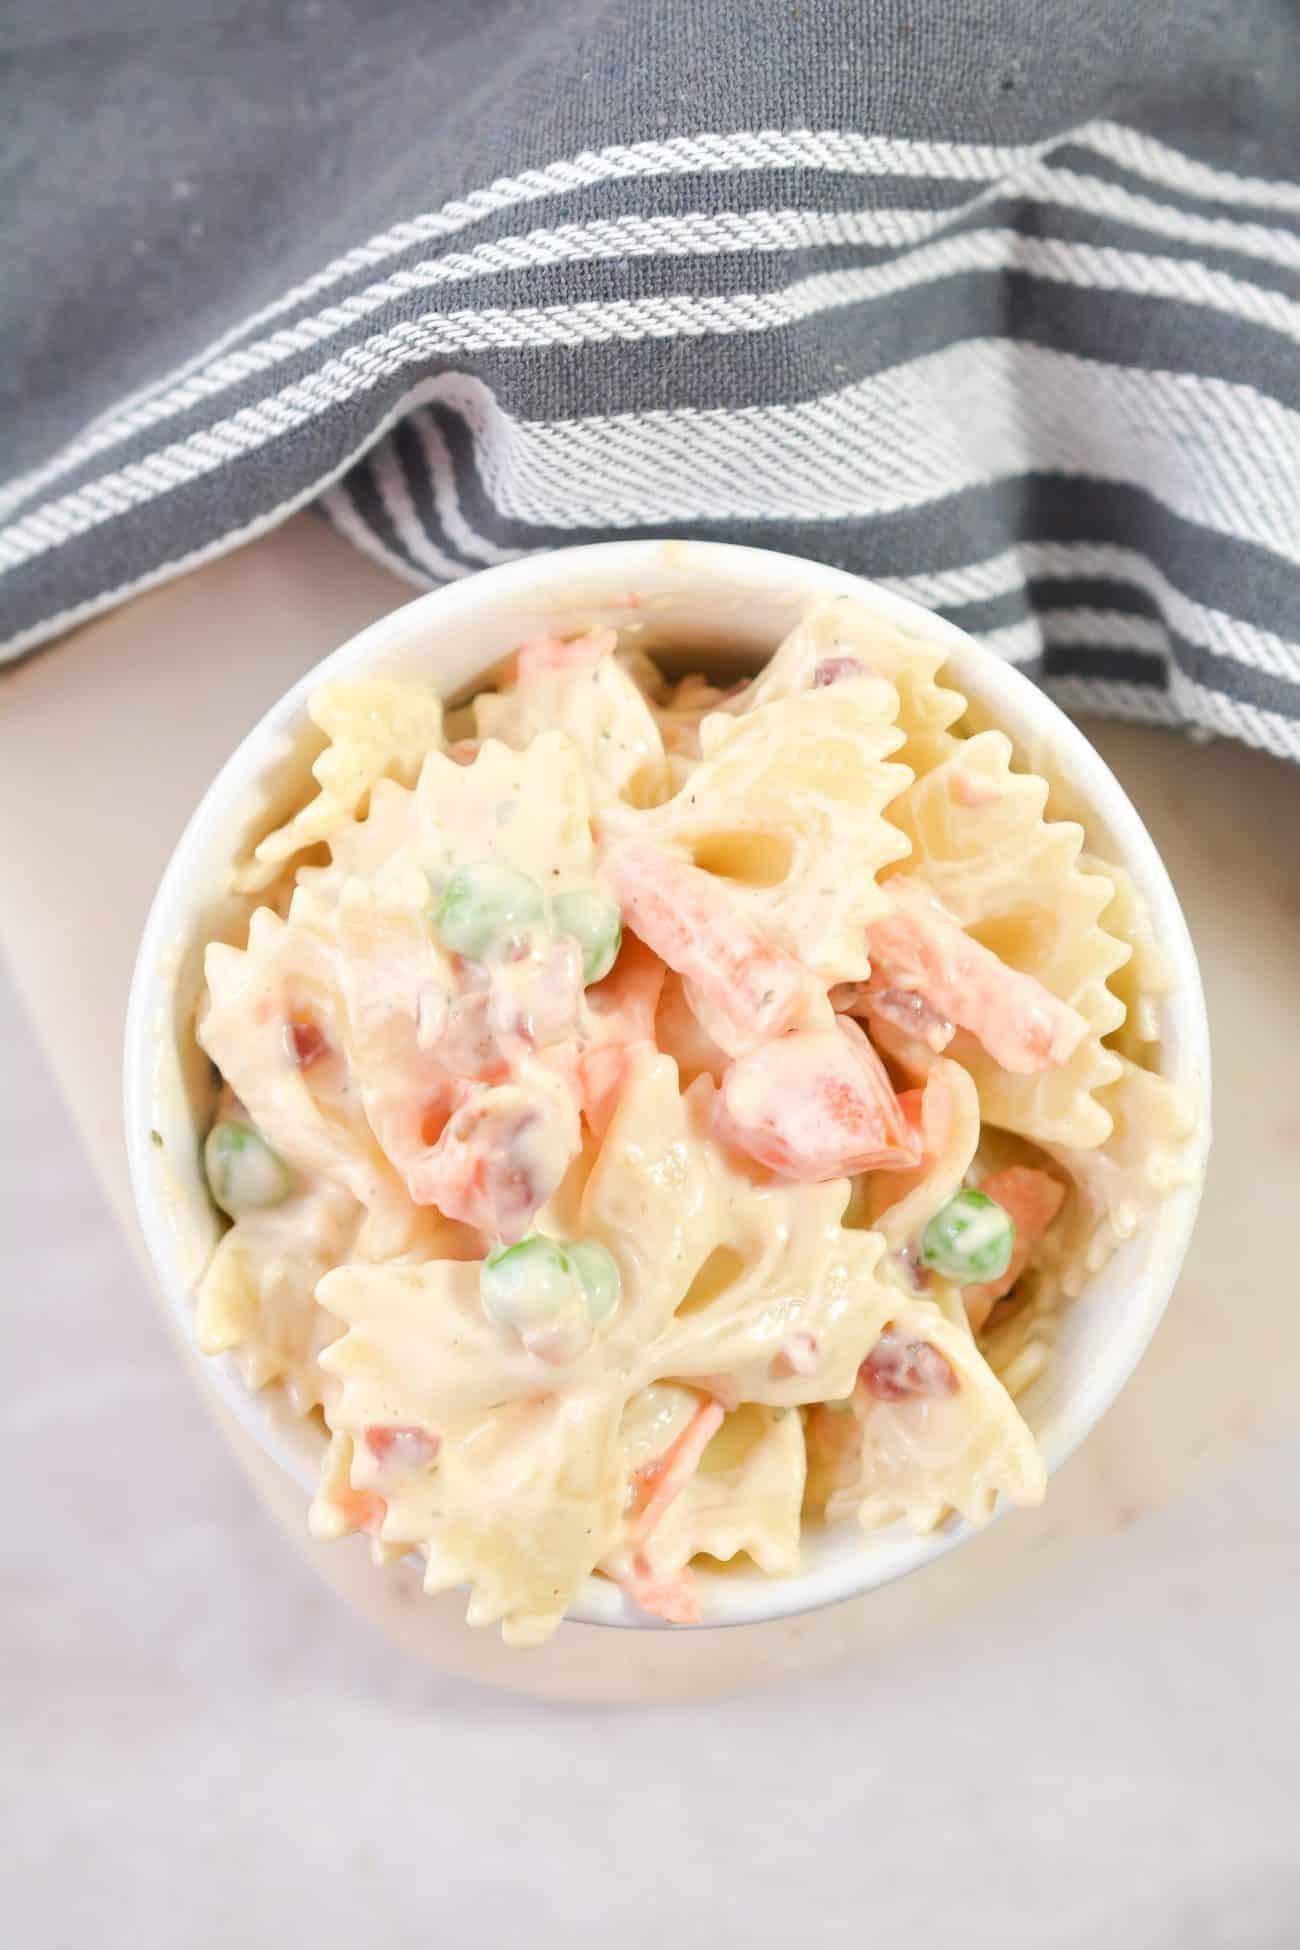 Homemade Bacon Ranch Pasta Salad